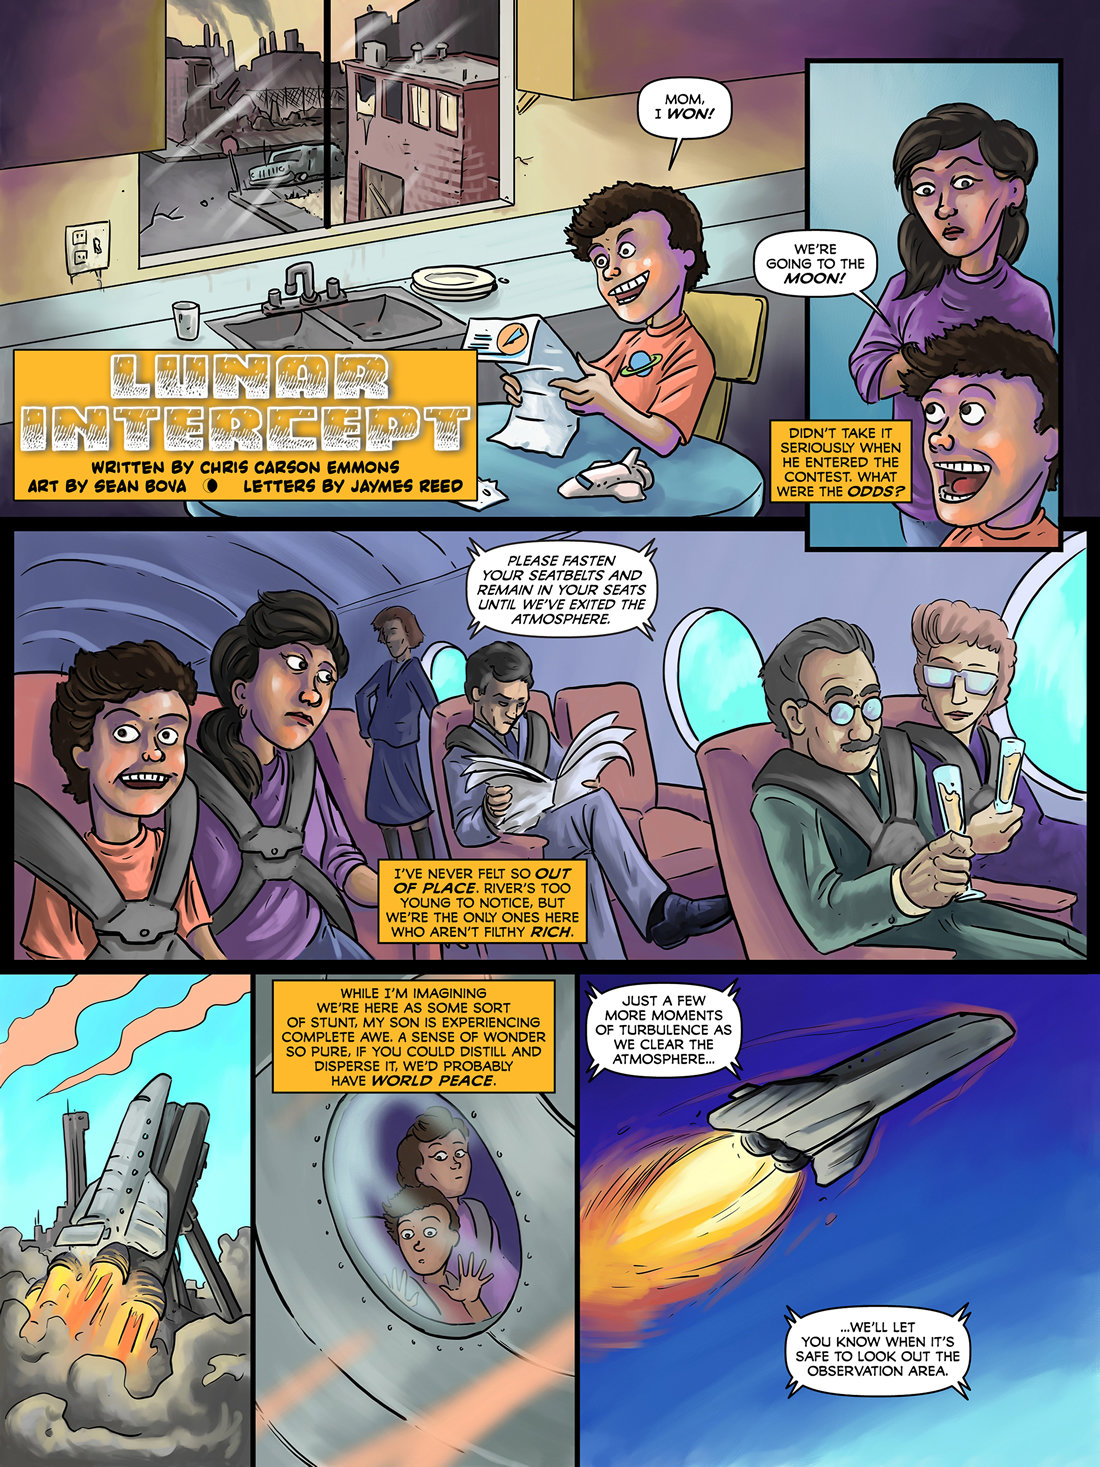 LunarIntercept_Page01.jpg